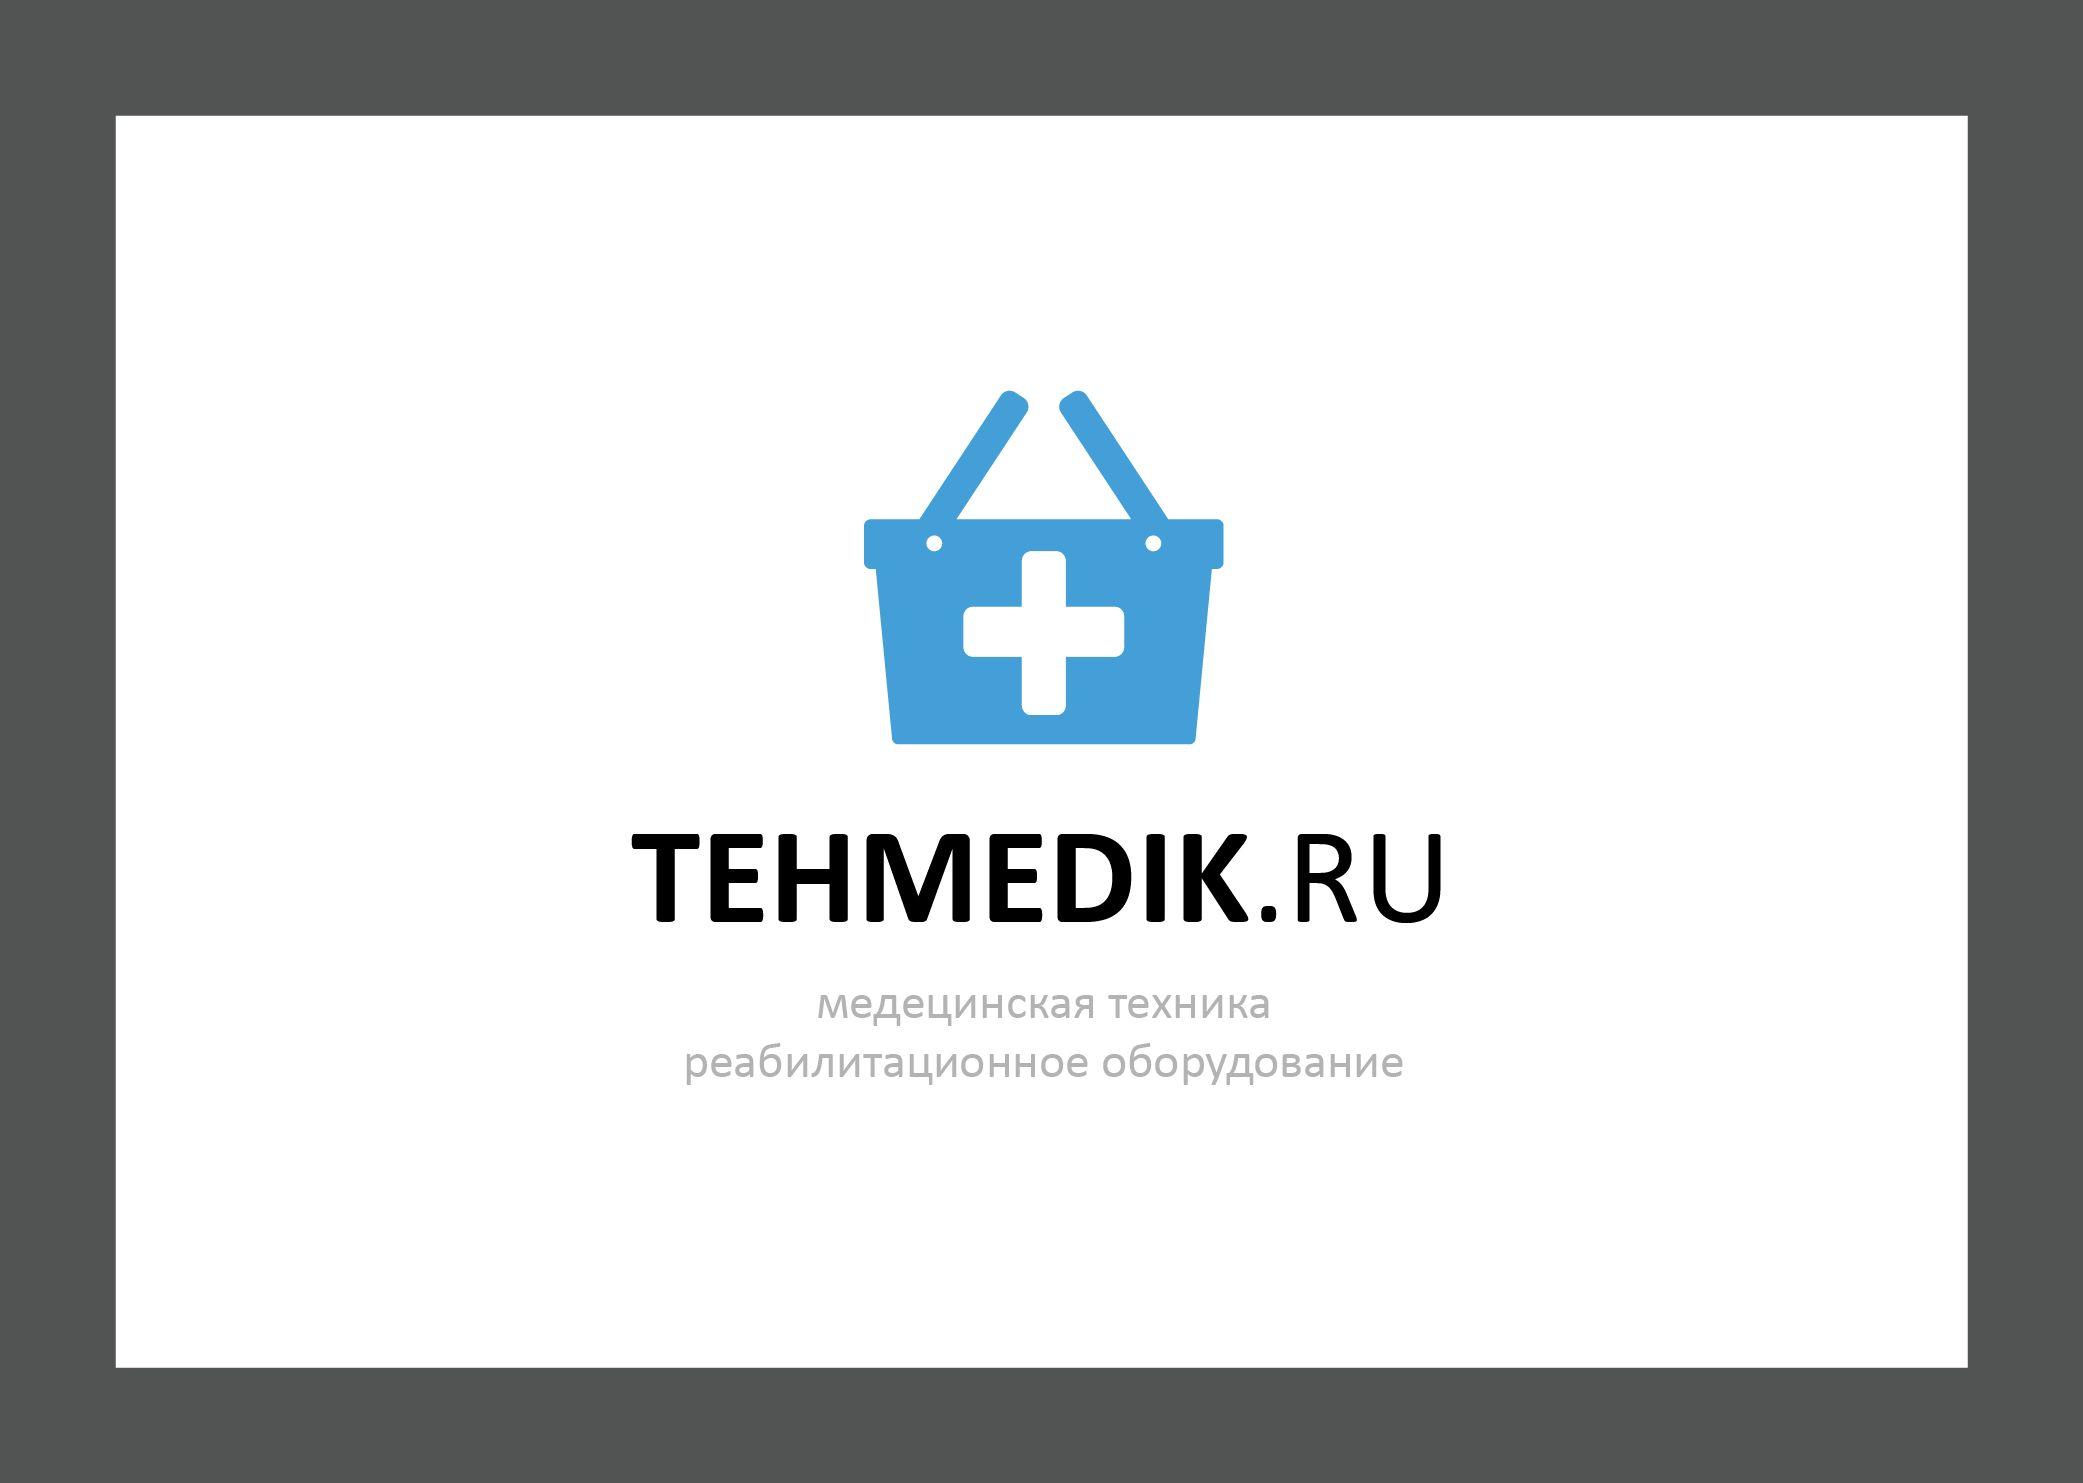 Логотип для интернет-магазина медтехники - дизайнер this_optimism